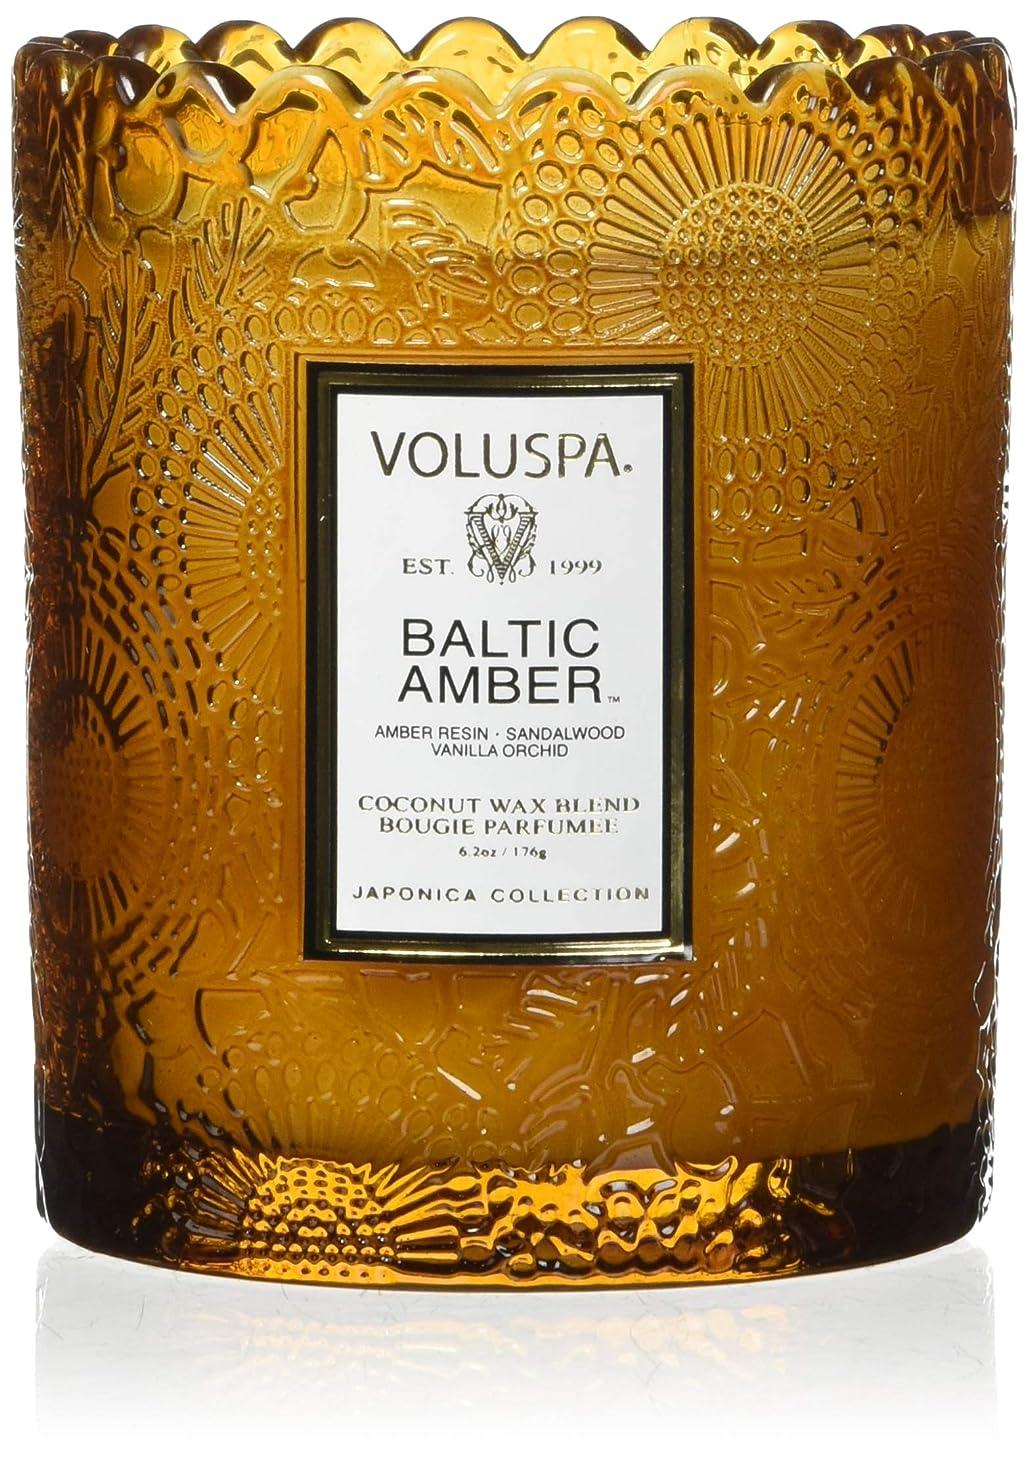 ネズミに対応する請負業者Voluspa ボルスパ ジャポニカ リミテッド スカラップグラスキャンドル  バルティックアンバー BALTIC AMBER JAPONICA Limited SCALLOPED EDGE Glass Candle